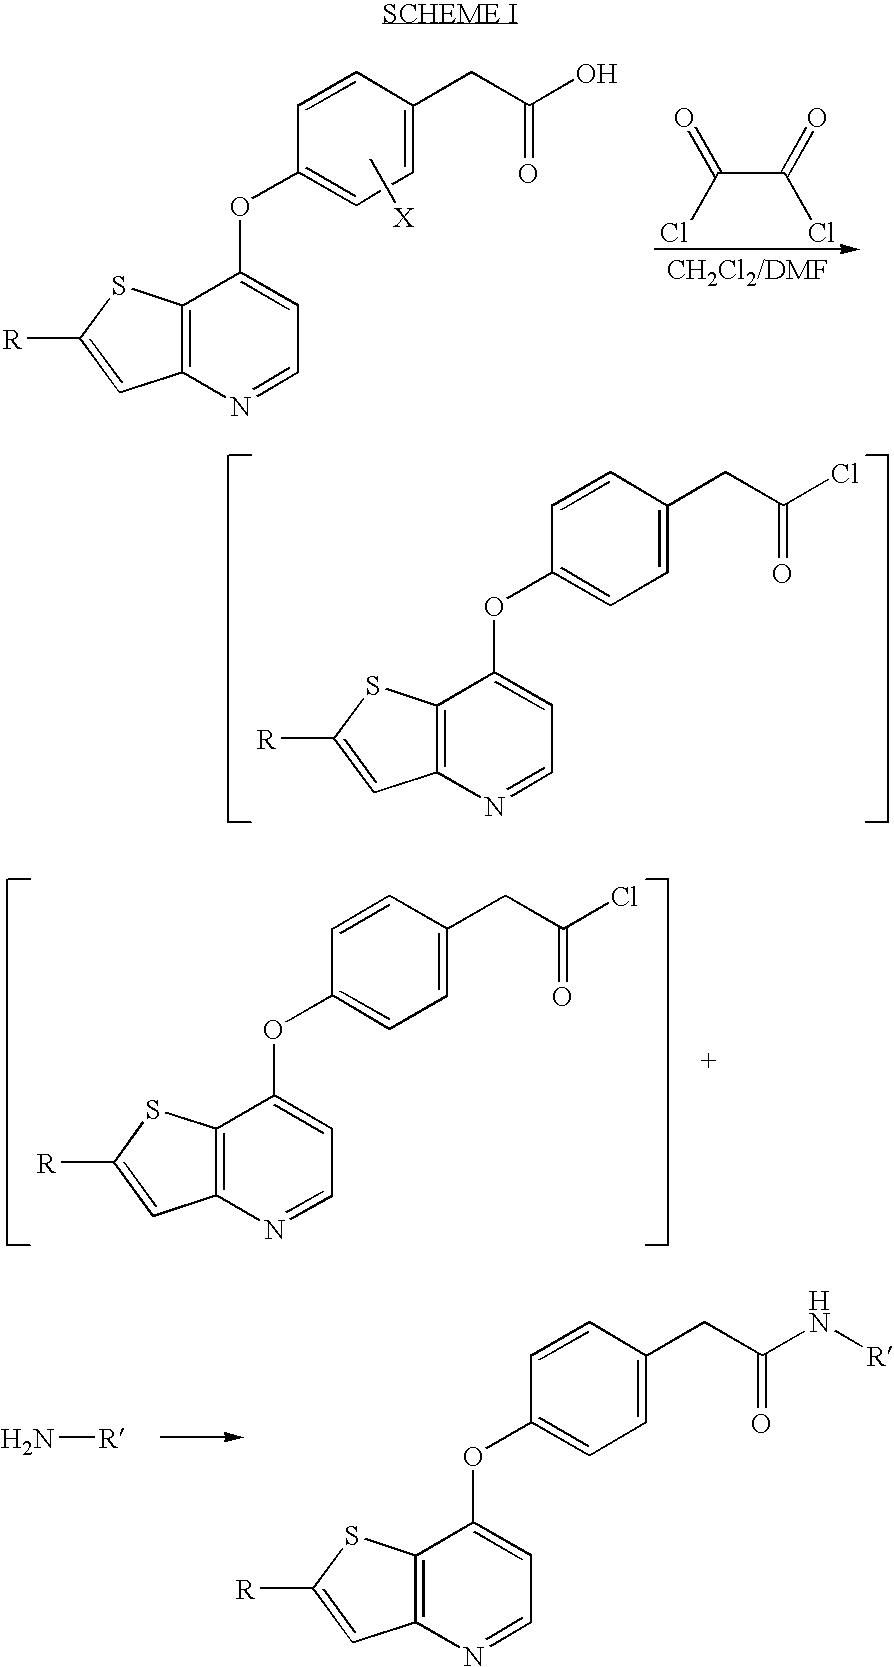 Figure US07208500-20070424-C00018